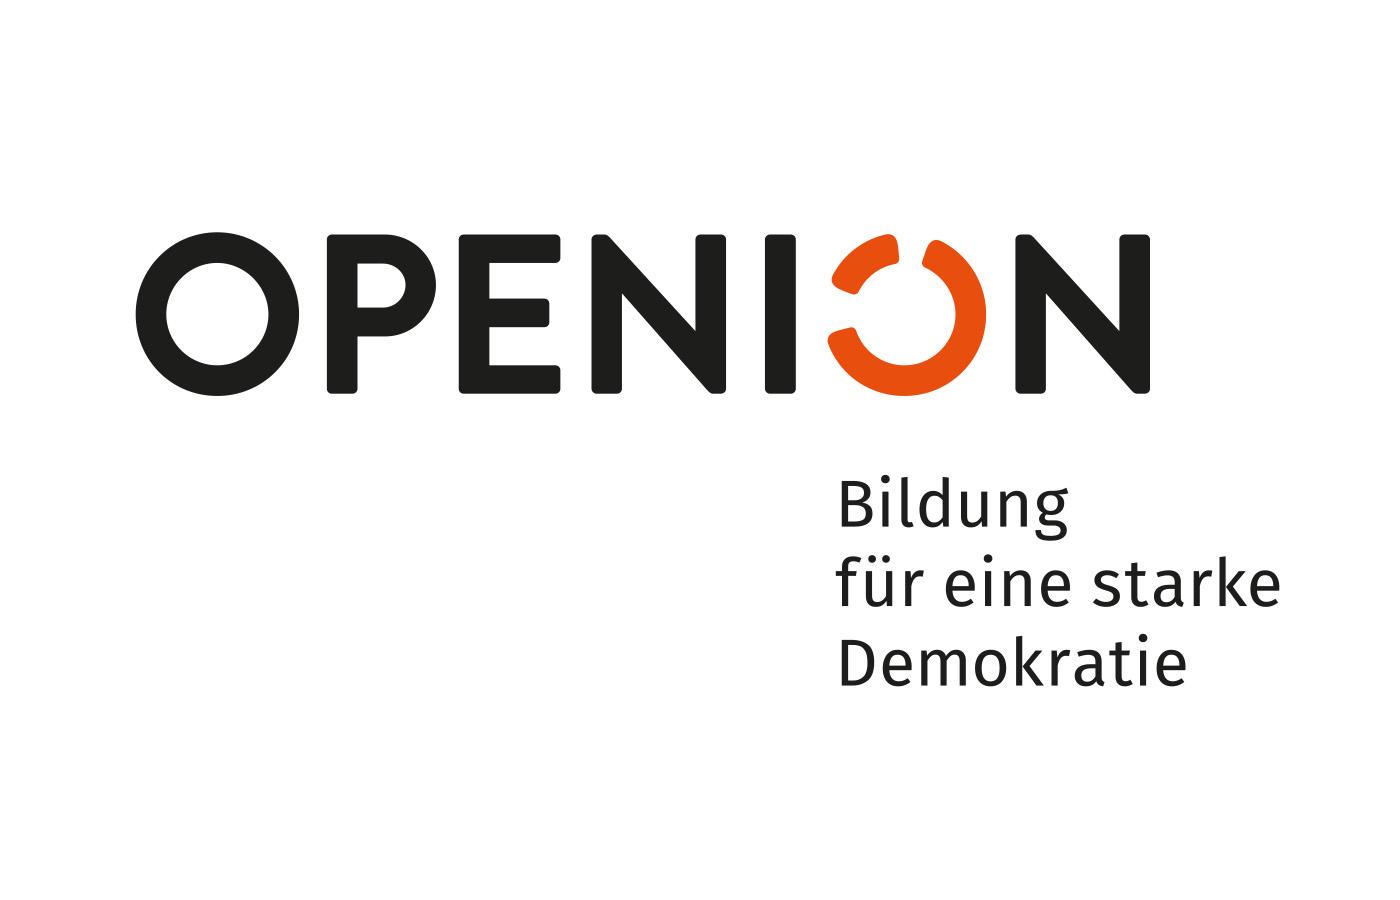 Openion_info_elementsArtboard 1